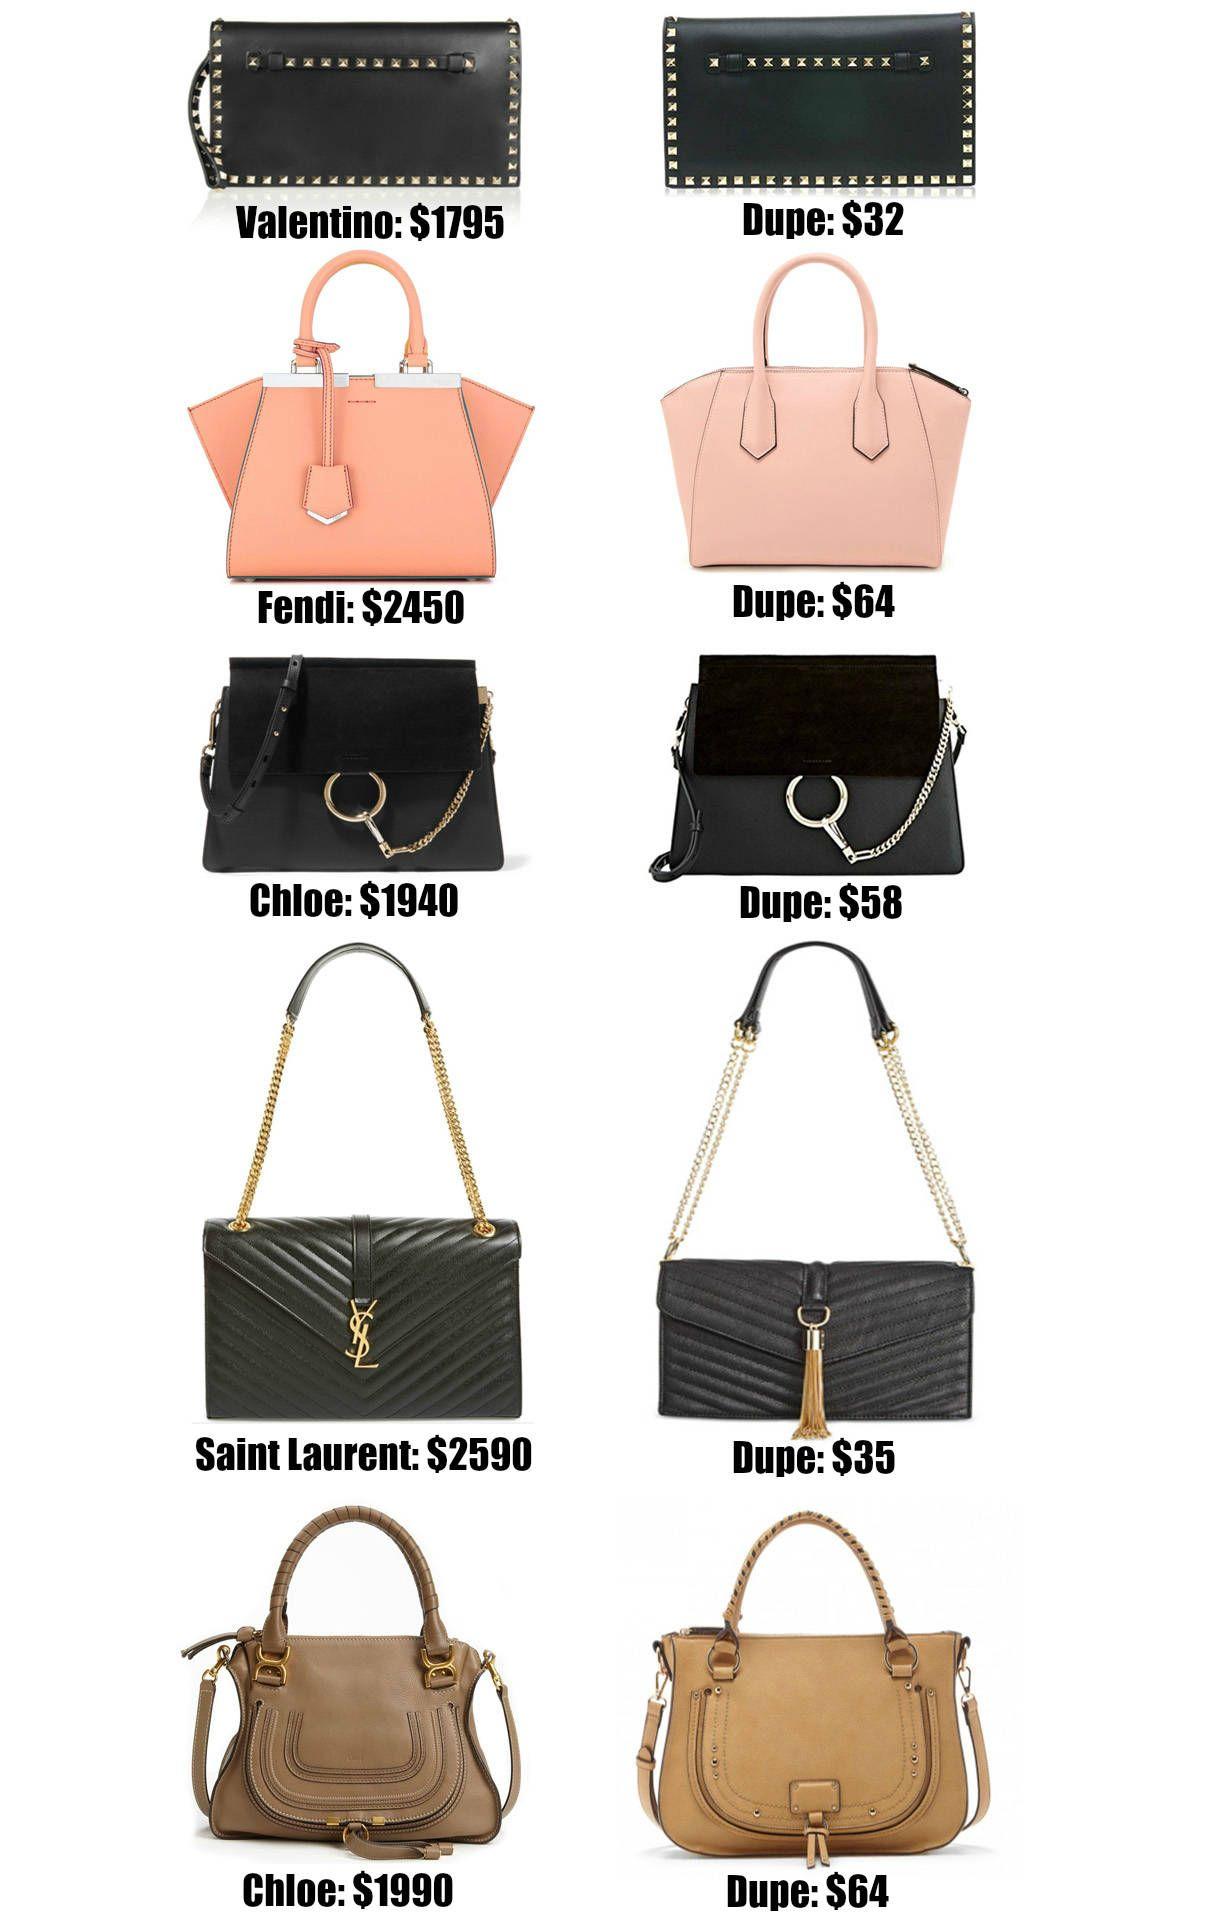 87e8c6f3ad Fashion blogger Mash Elle shares the ULTIMATE designer bag dupe guide! Over  20+ of the best designer dupes most under  50!